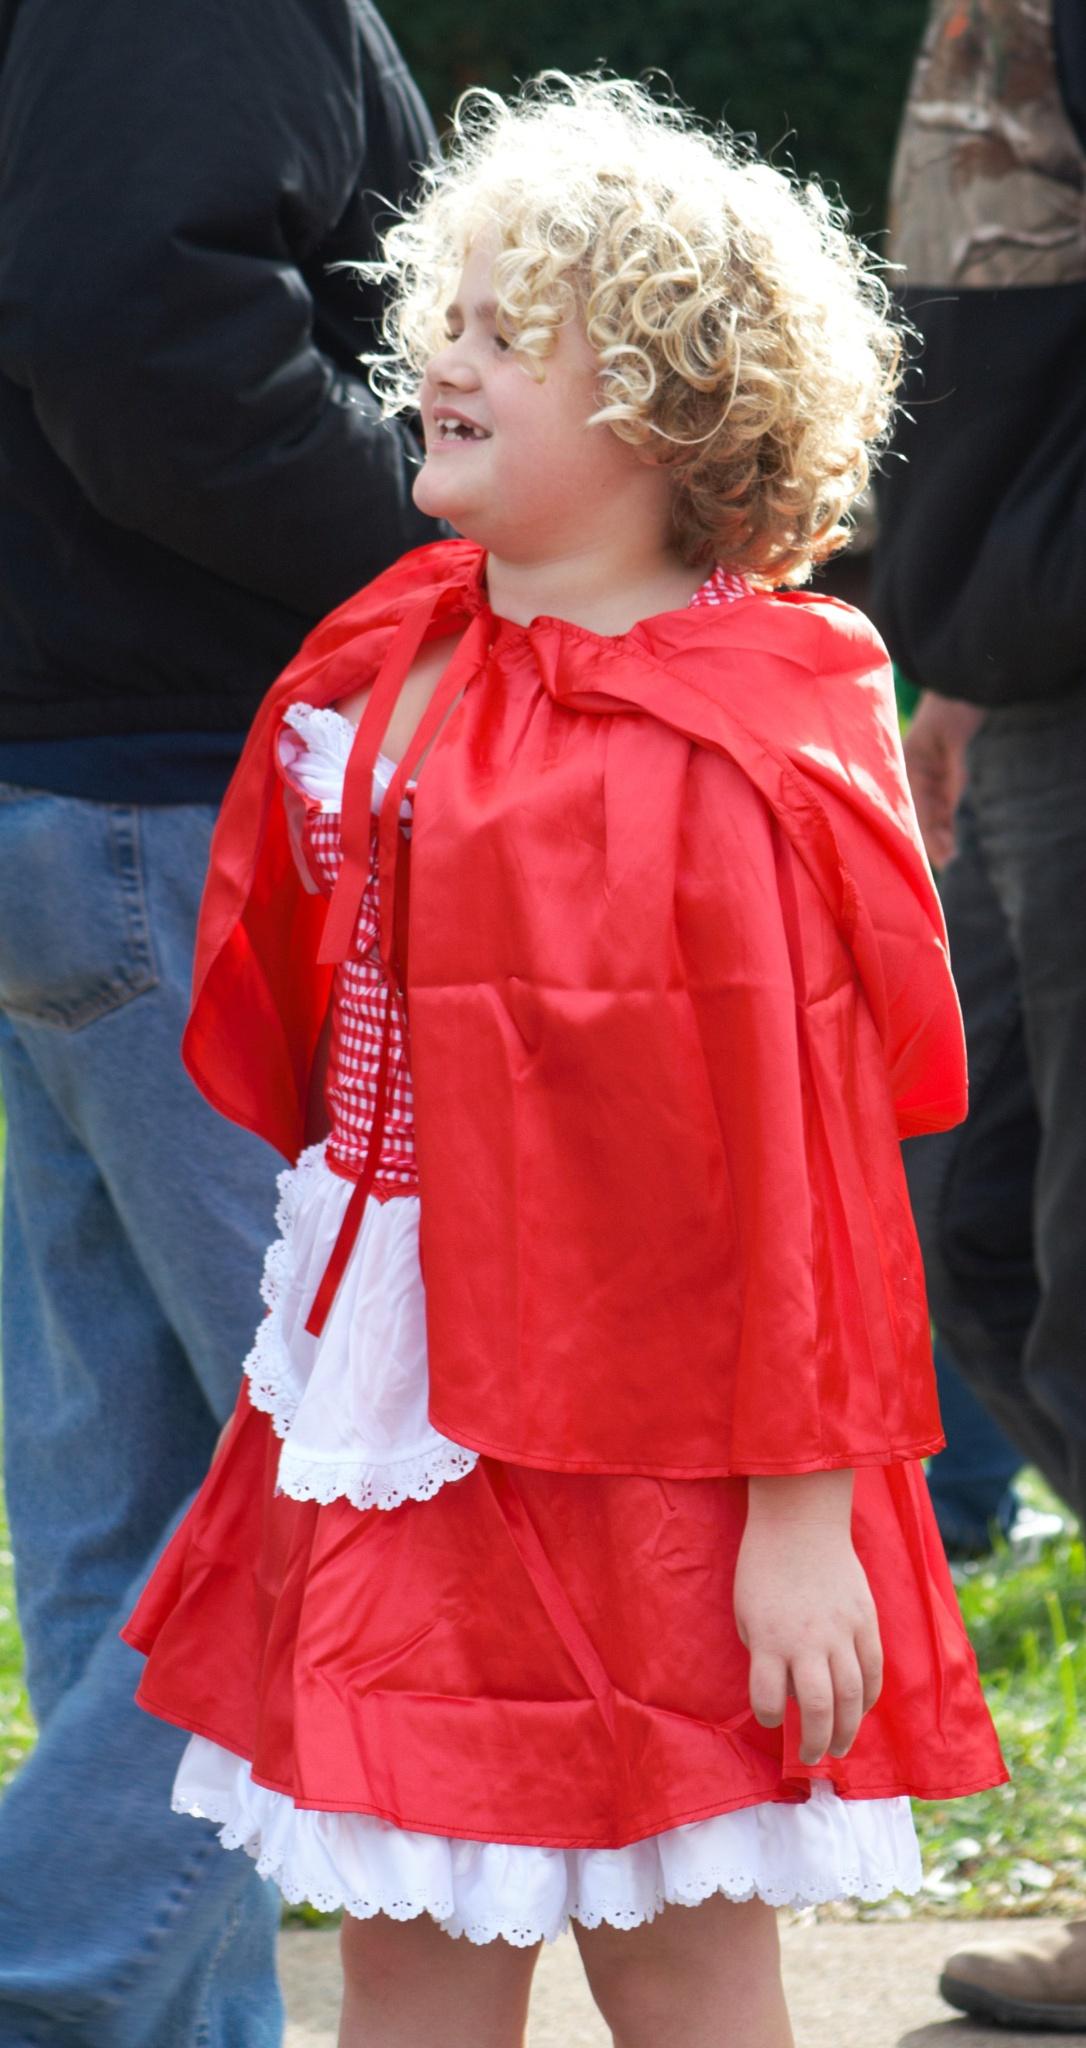 Costumed Girl by joann.kunkle